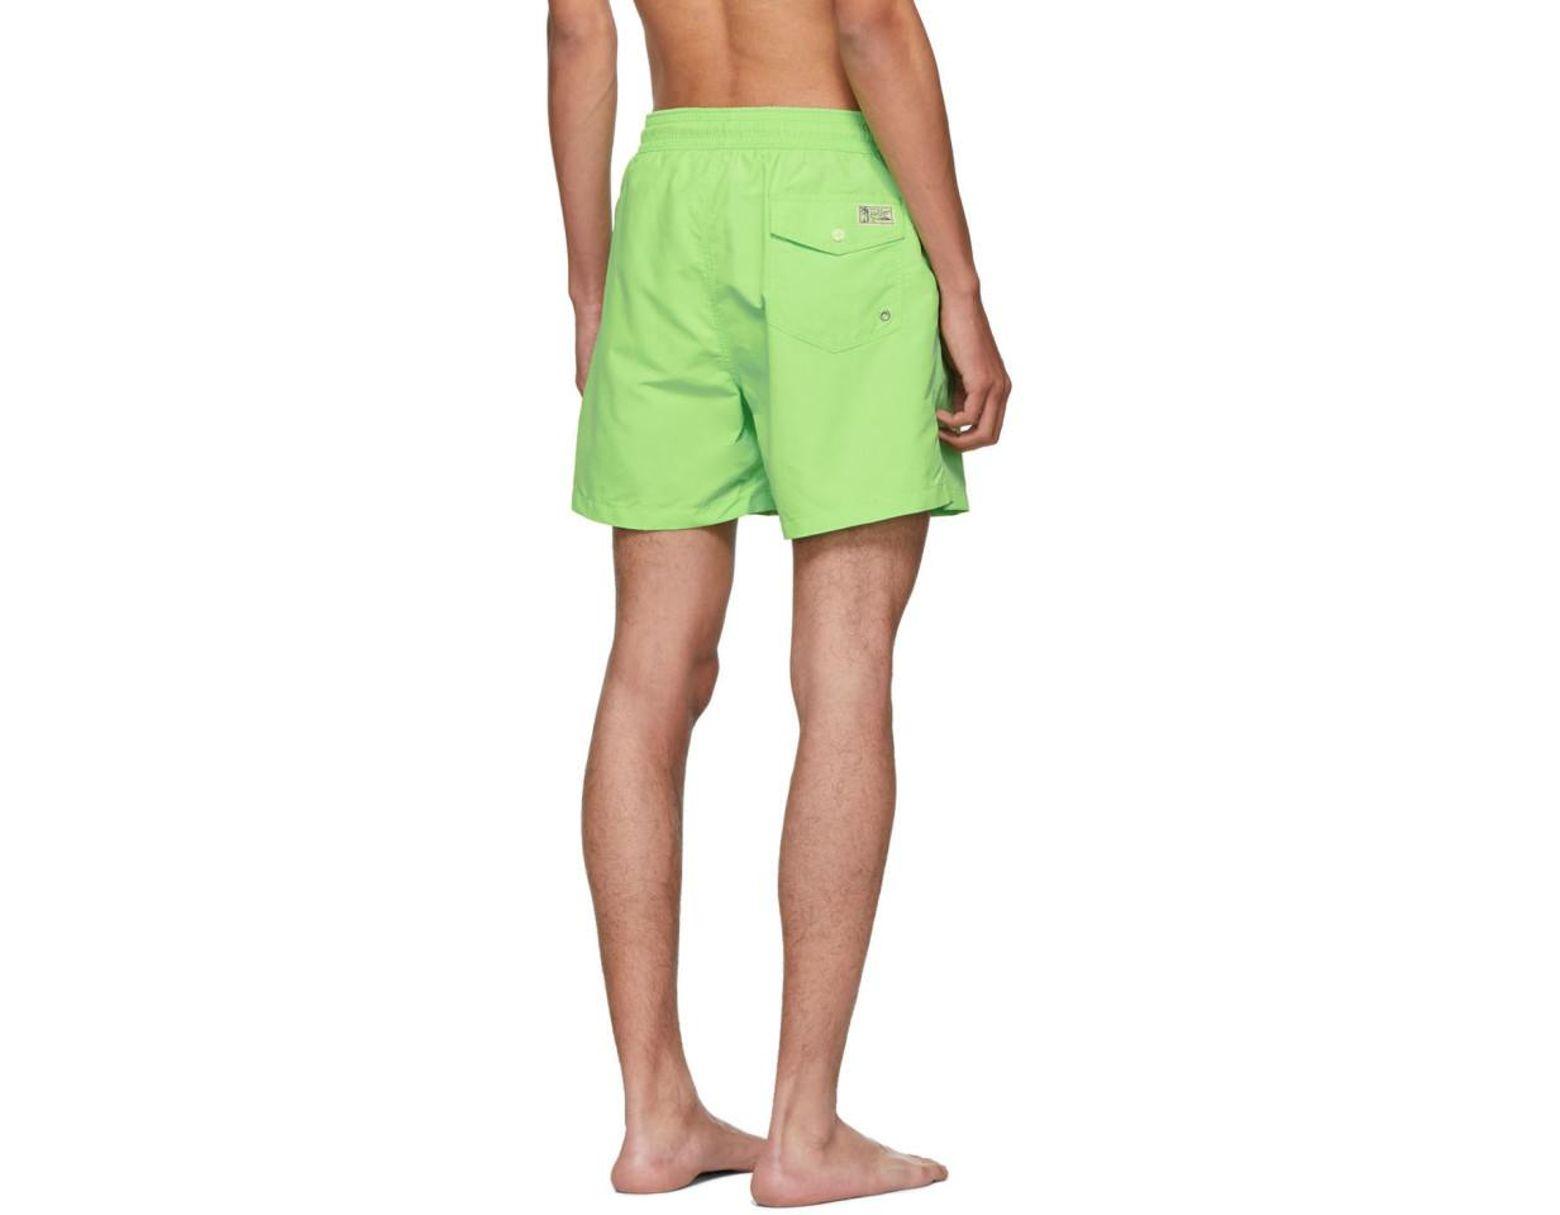 d6ec2ed8c0f56 Lyst - Polo Ralph Lauren Green Traveler Swim Shorts in Green for Men